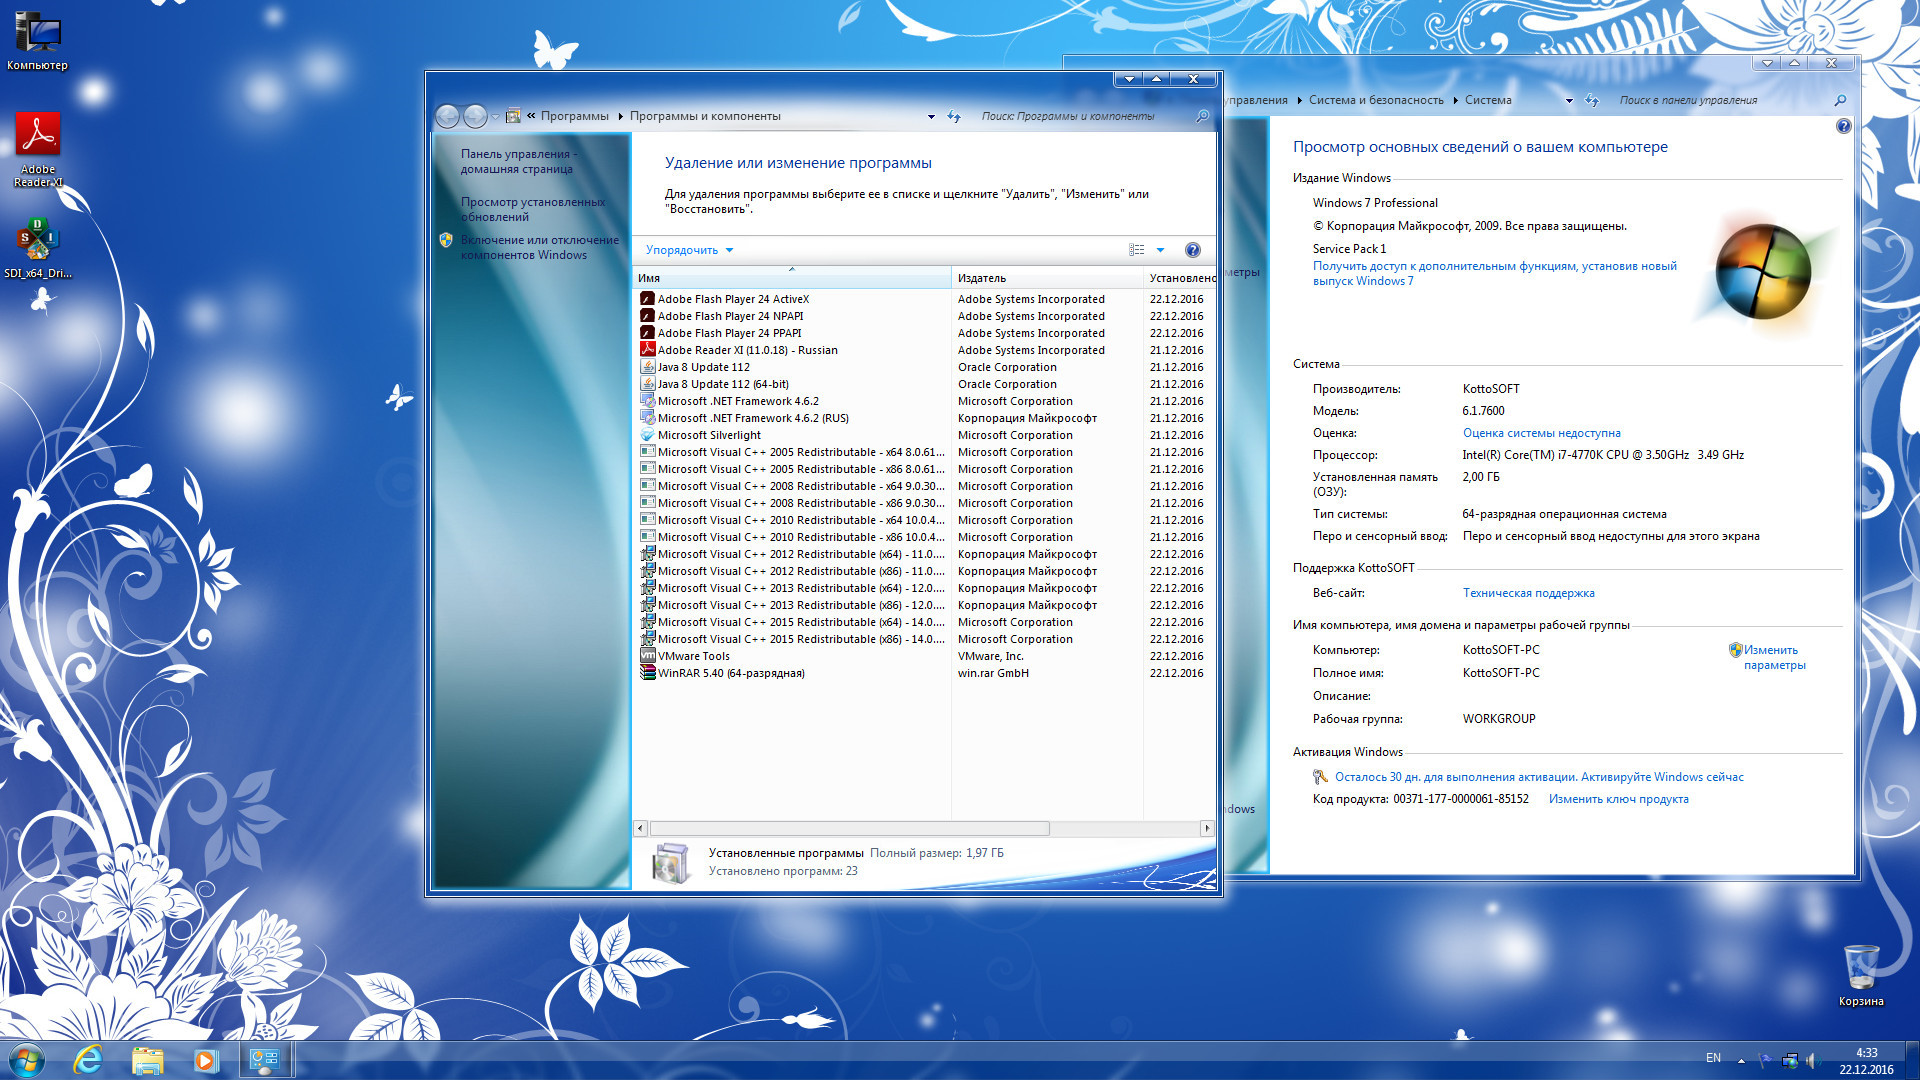 torrent download windows 7 professional 64 bit iso